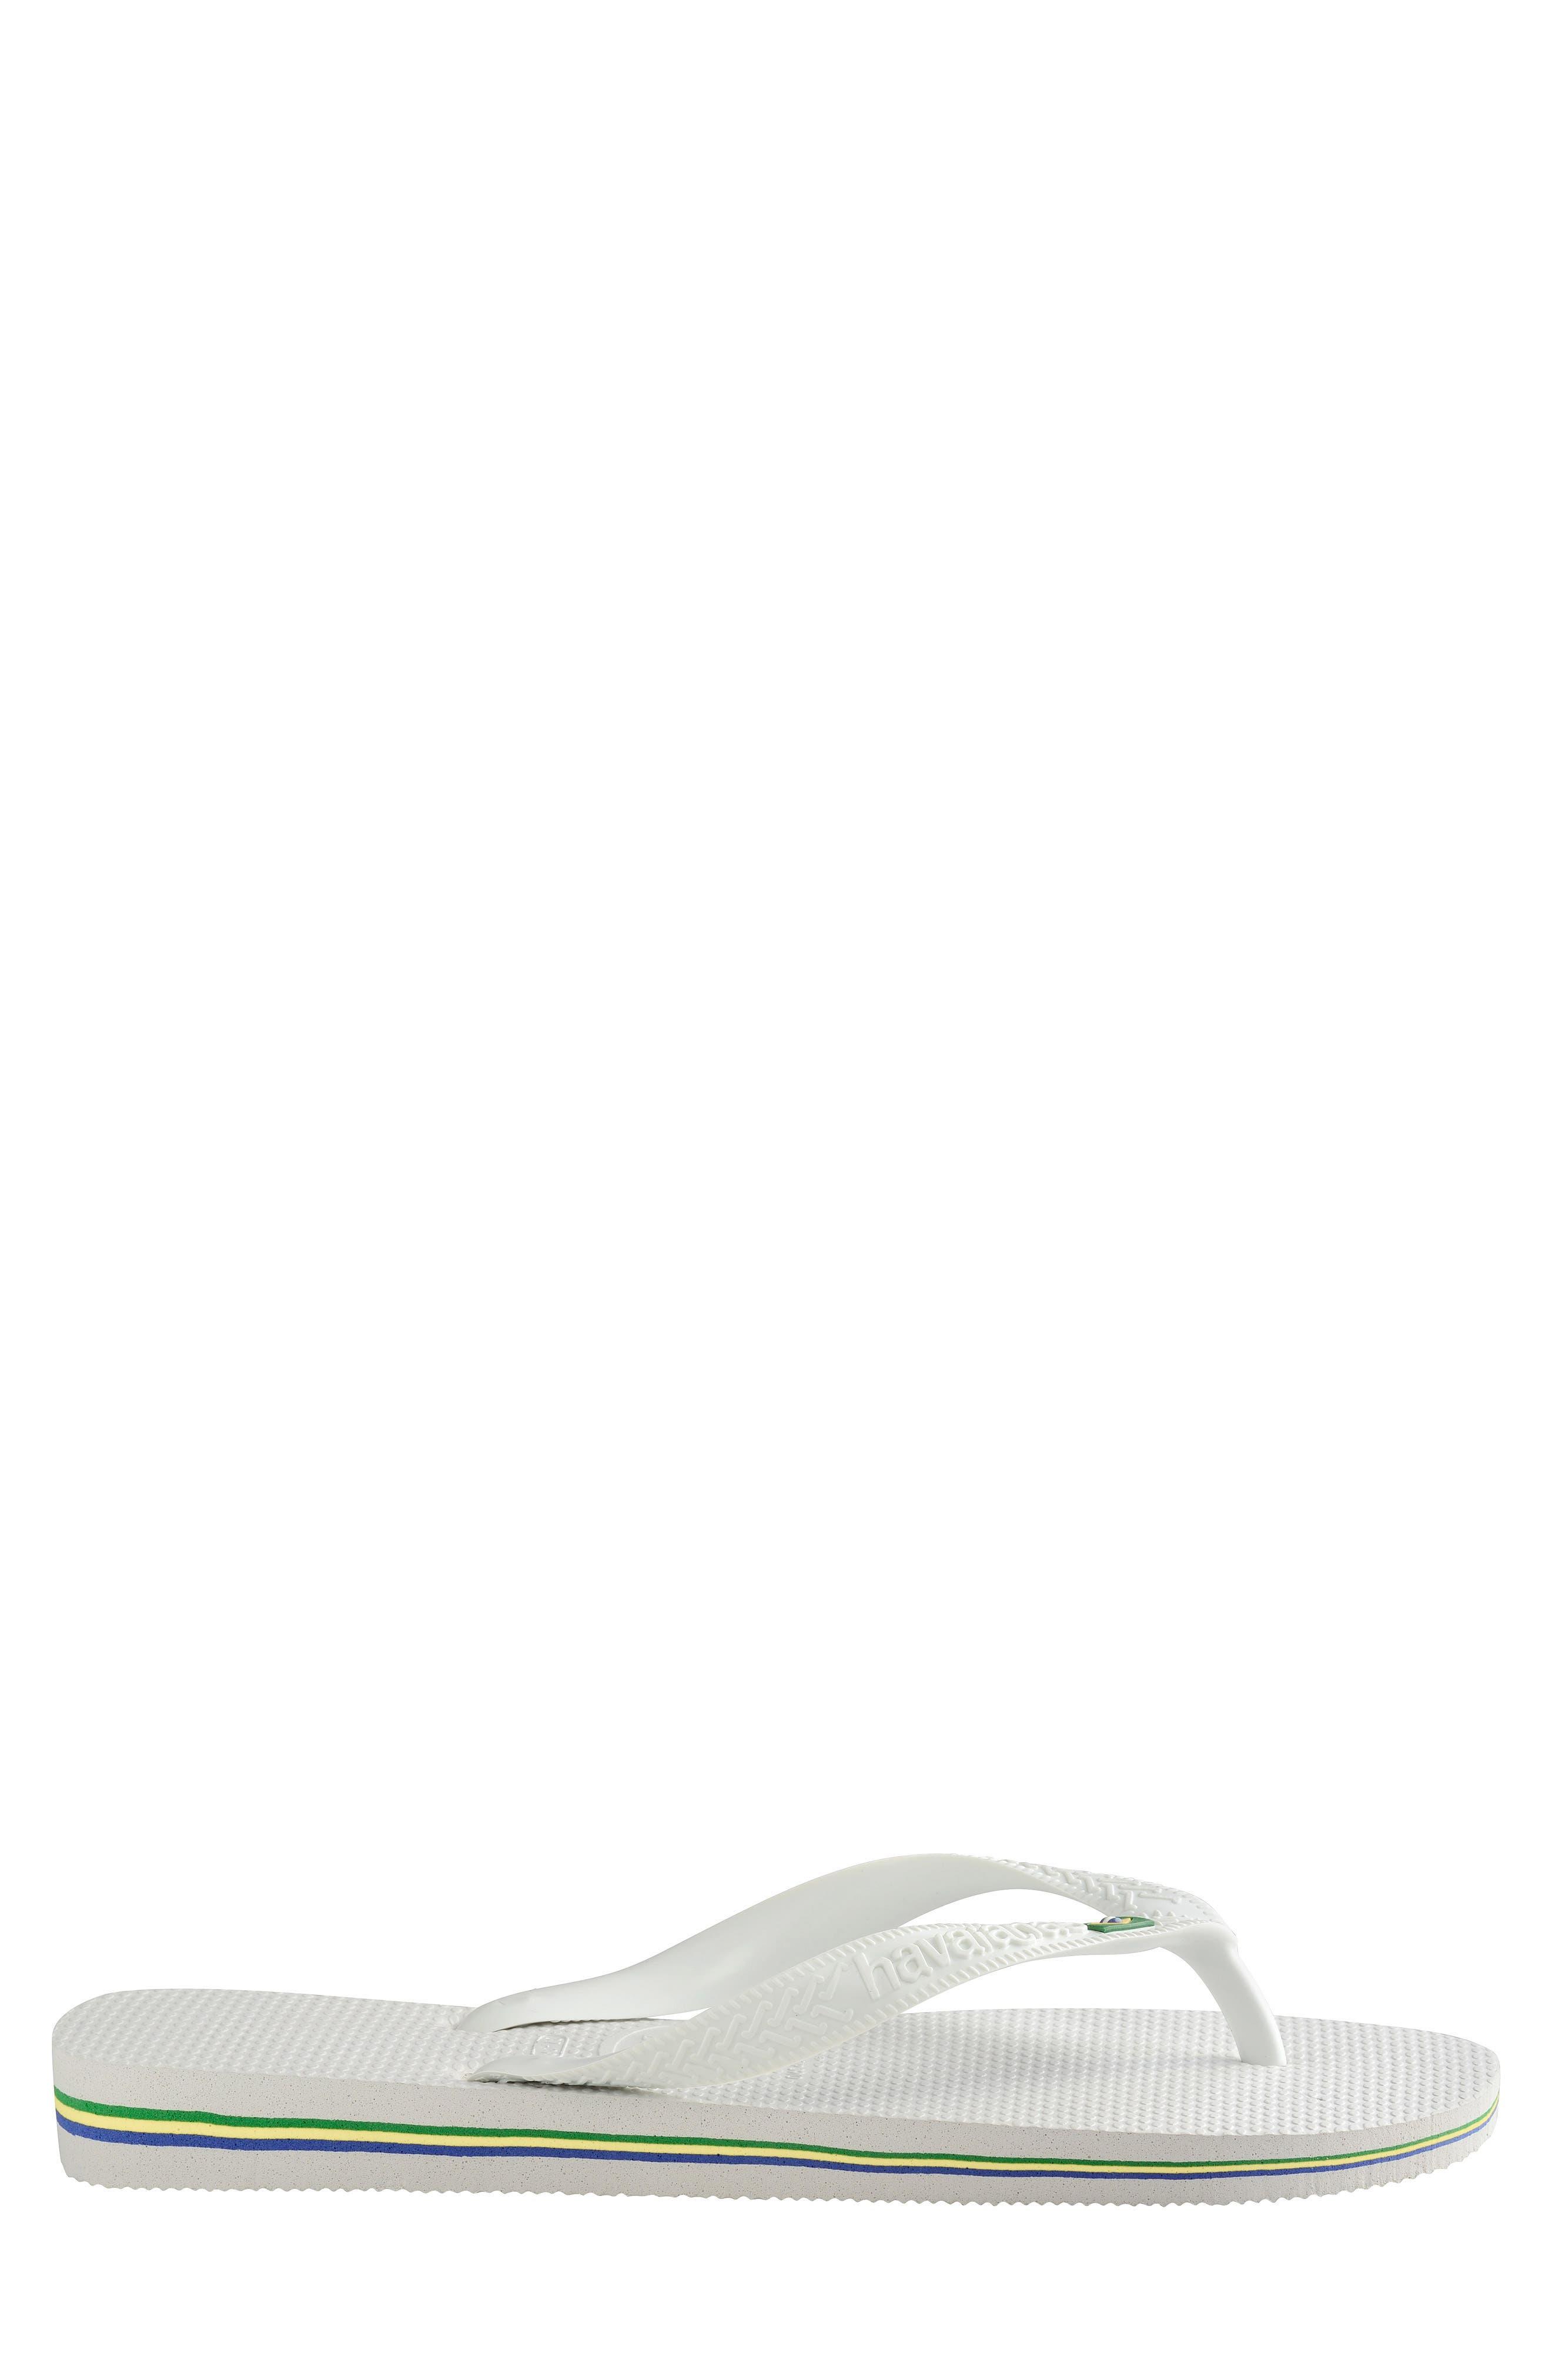 46dbf194a01 Men s White Sandals